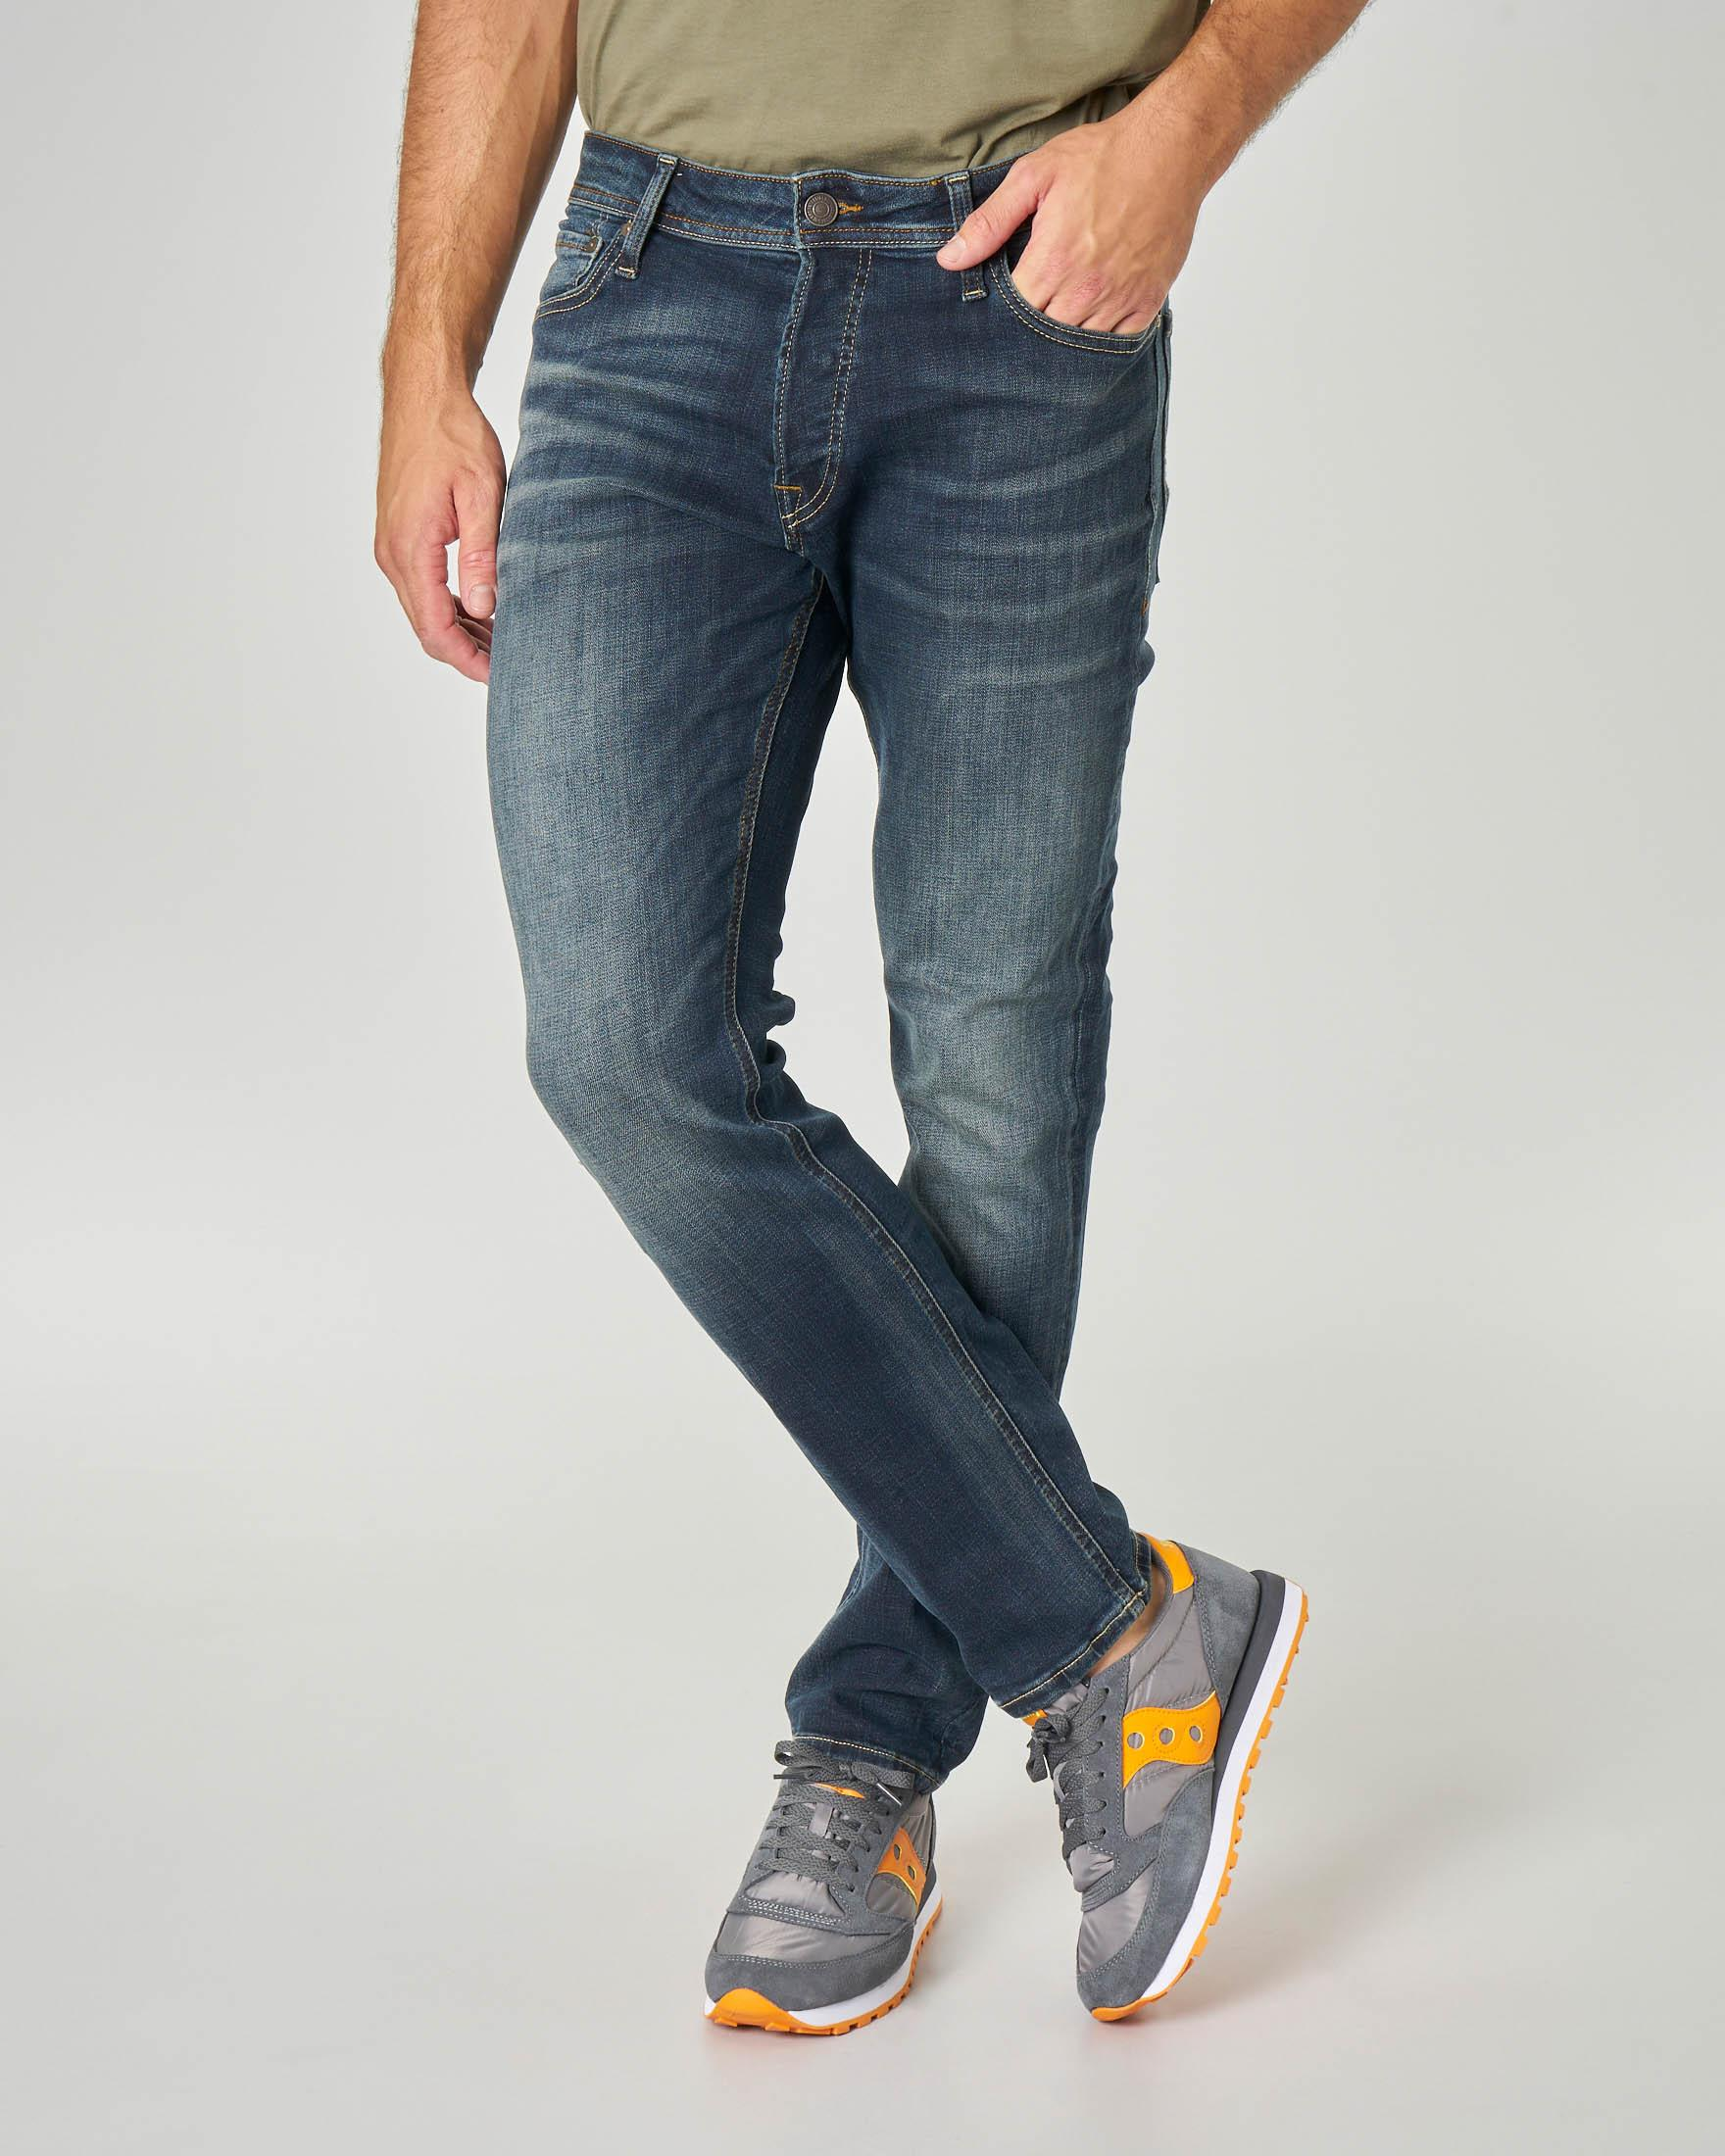 Jeans Tim lavaggio scuro con sabbiature e baffature